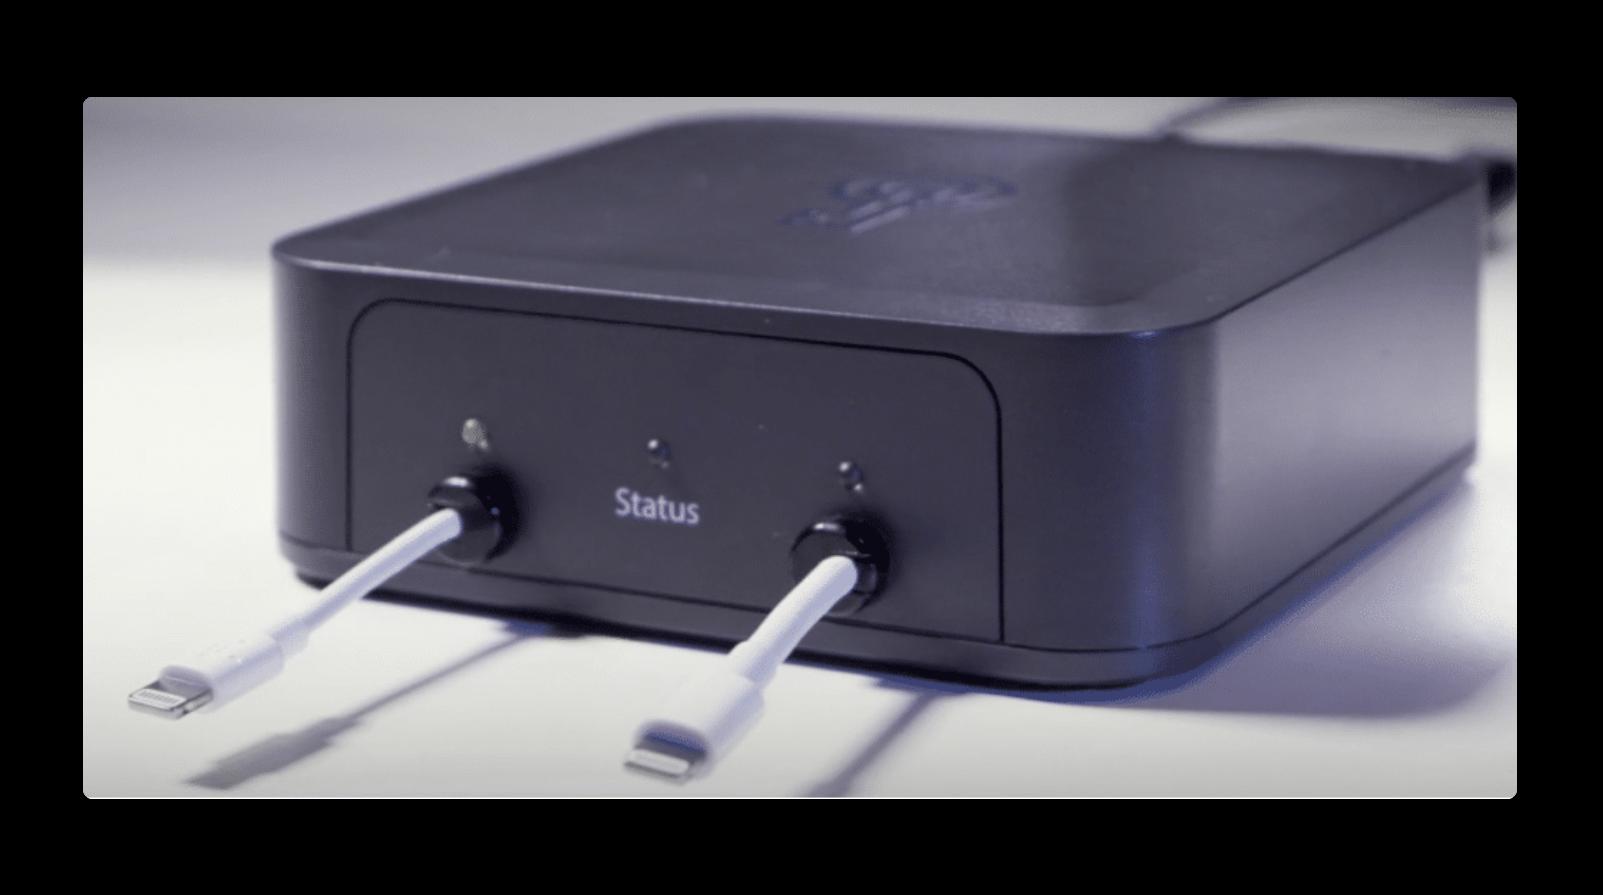 Grayshift は Apple の USB 制限モード打ち破ったと述べている